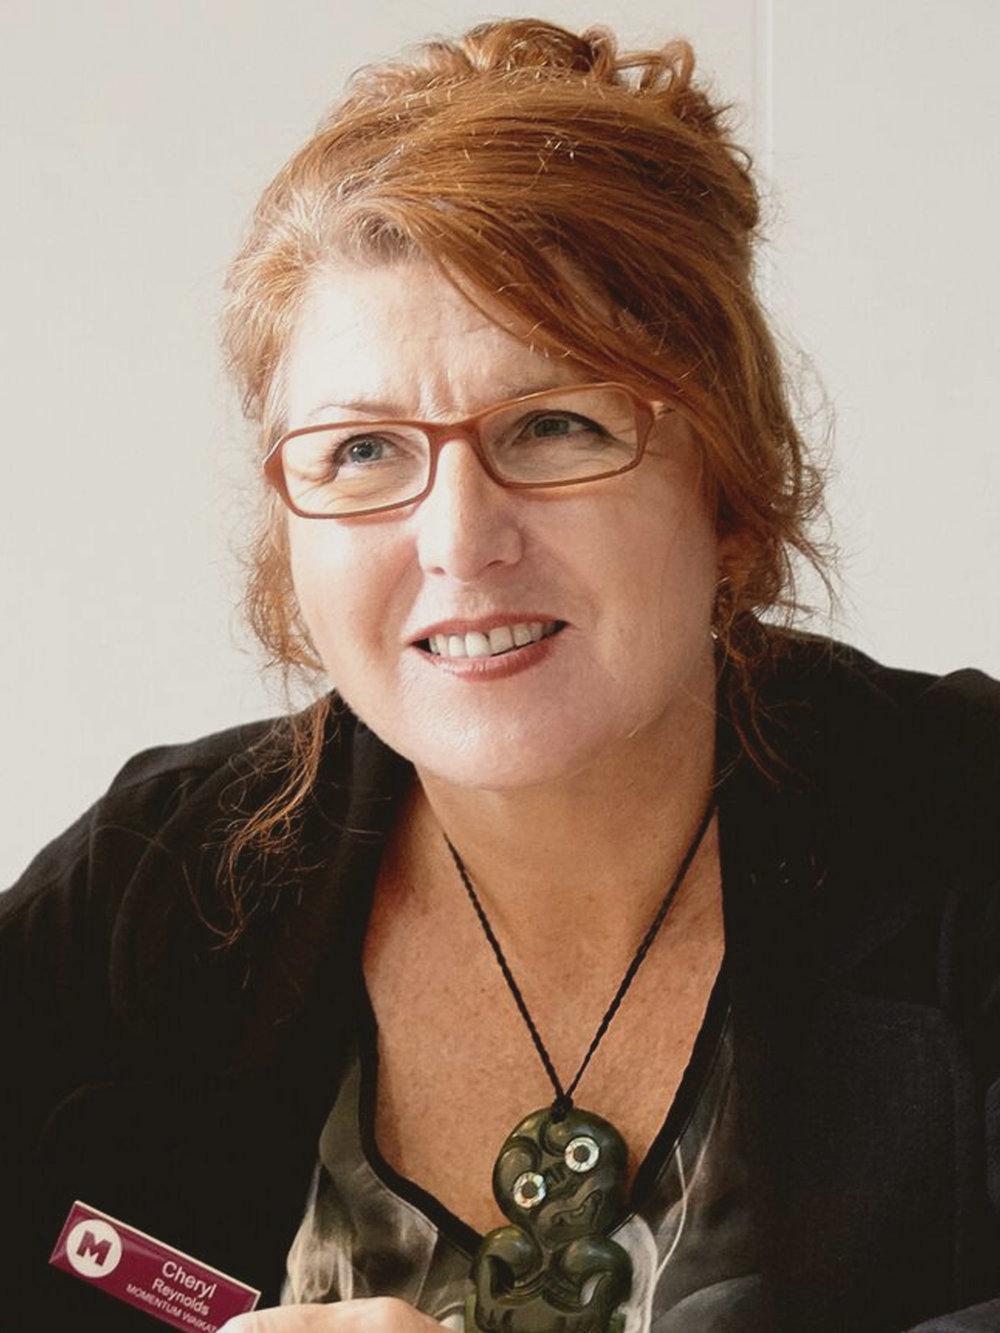 Cheryl-Reynolds.jpg